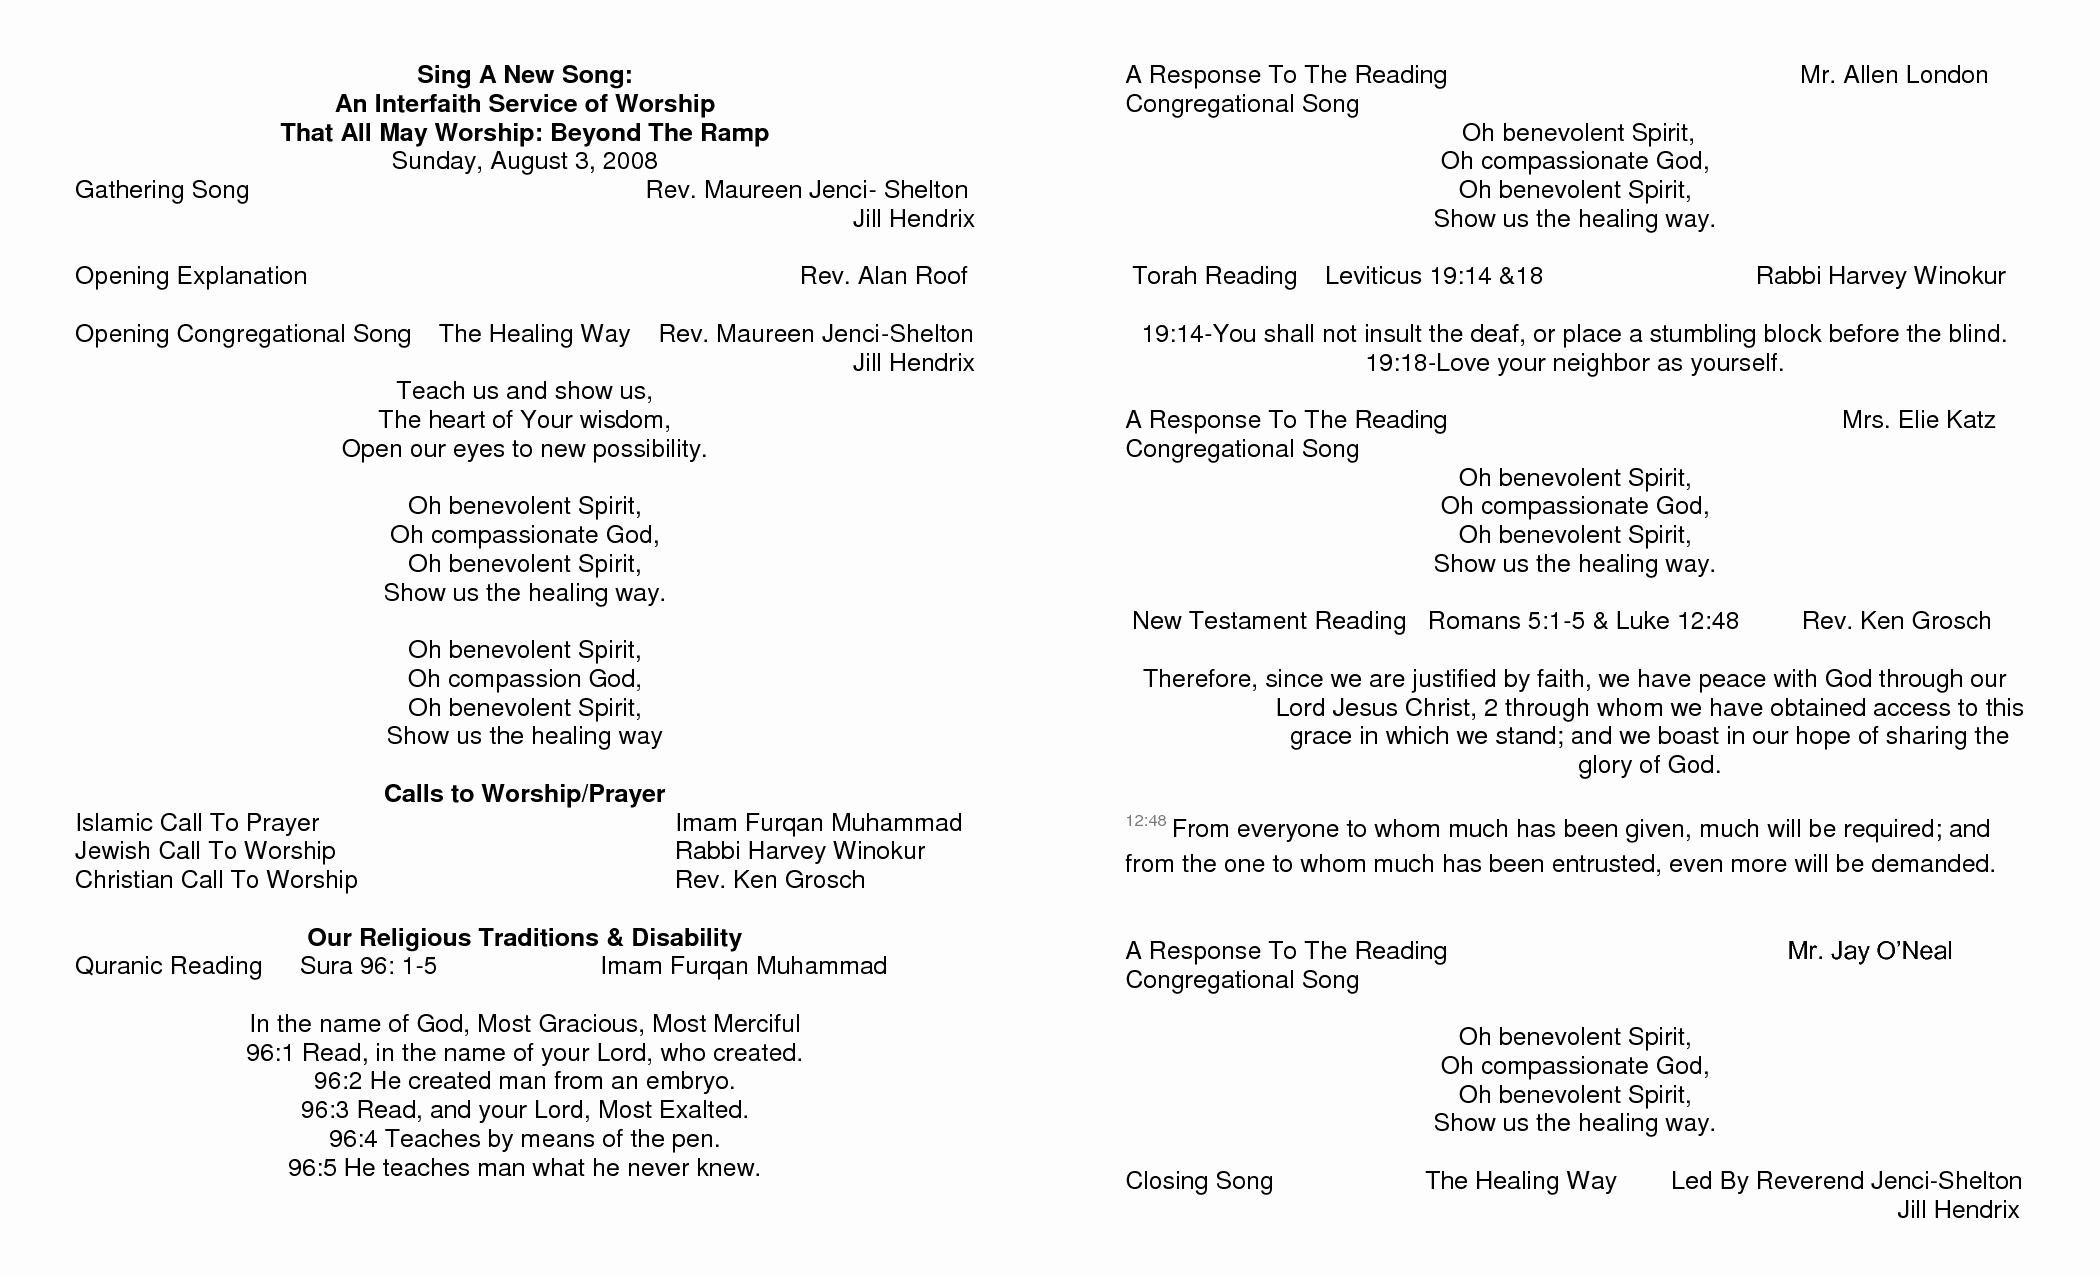 Deacon ordination Certificate Template Luxury Free Printable Deaconess ordination Certificate Tutore